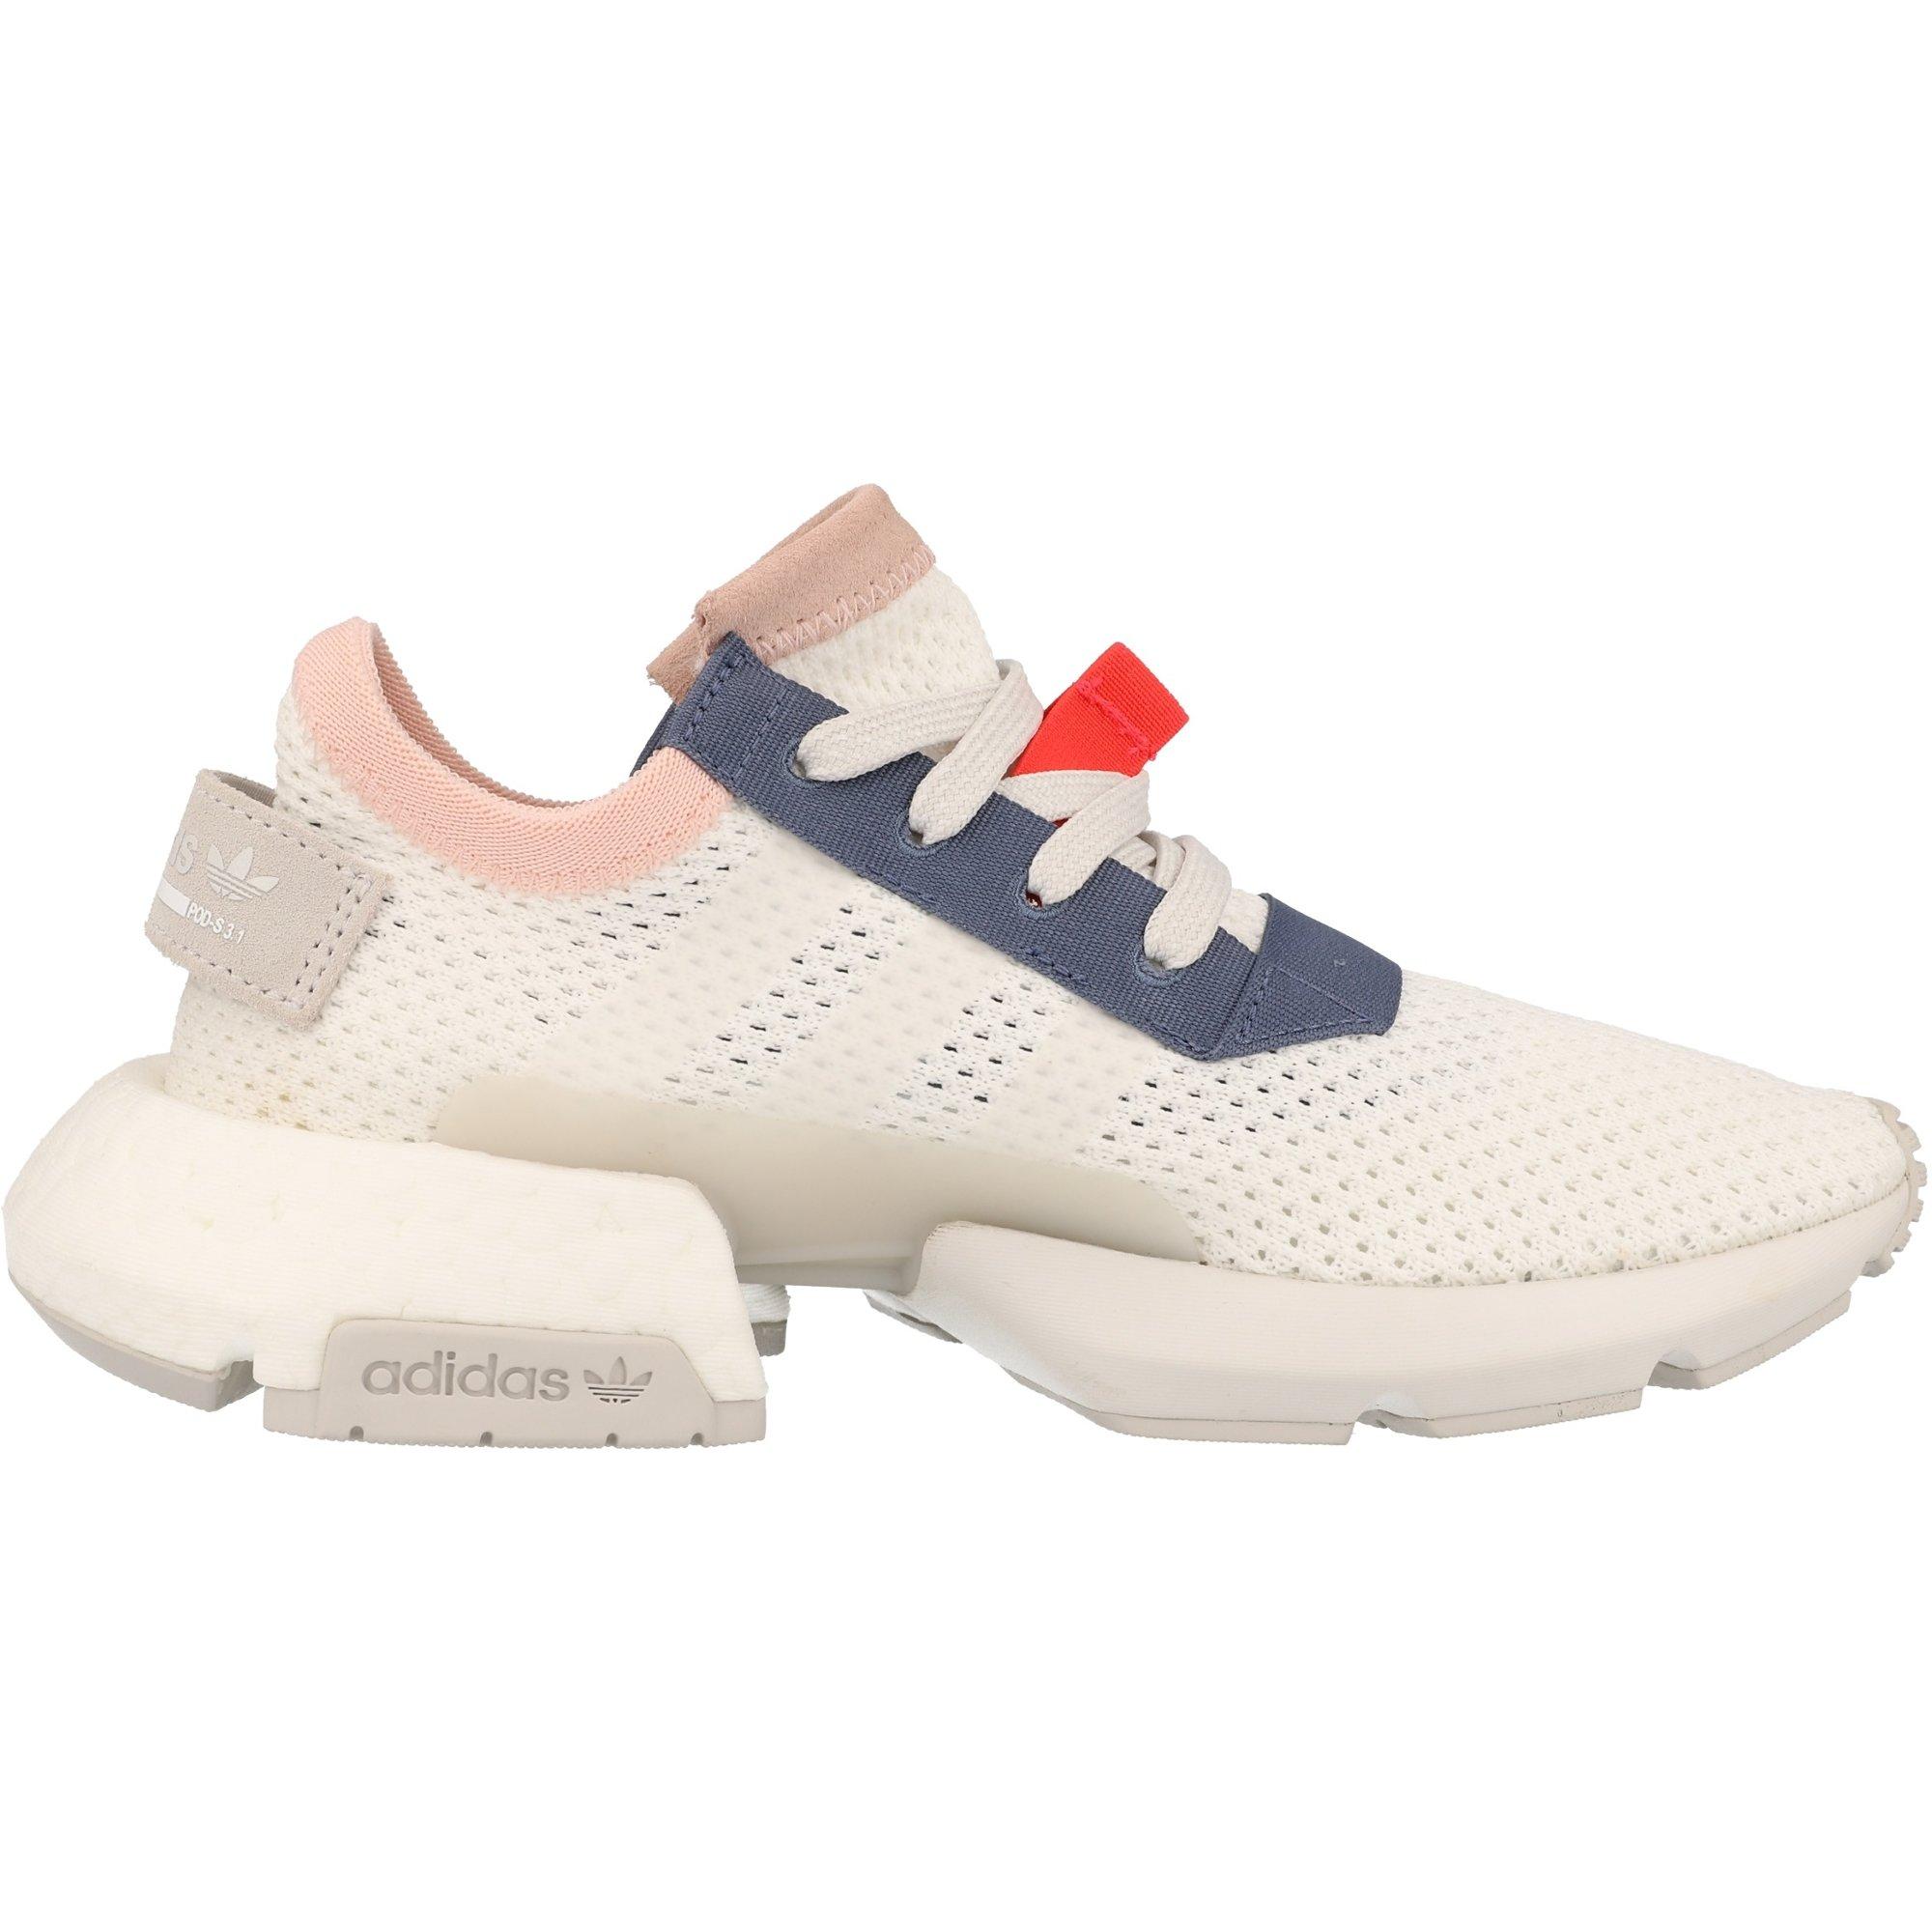 adidas Originals POD S3.1 BlancGris Un Textile Adulte